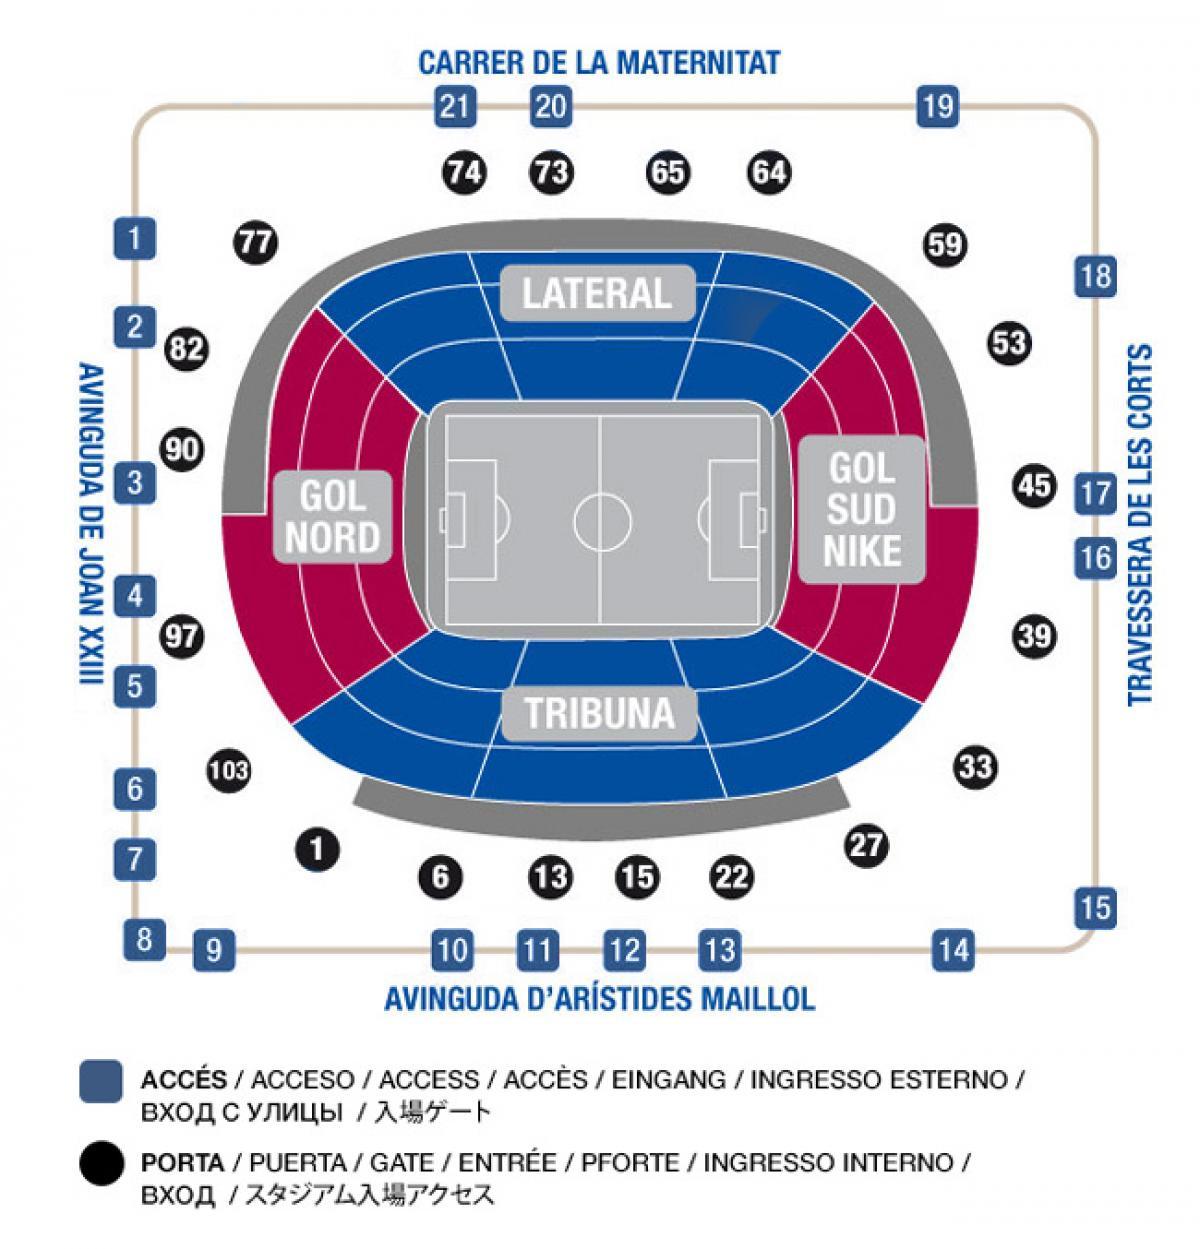 Accès du Camp Nou : Attention : l'orientation n'est pas la même que sur la carte.